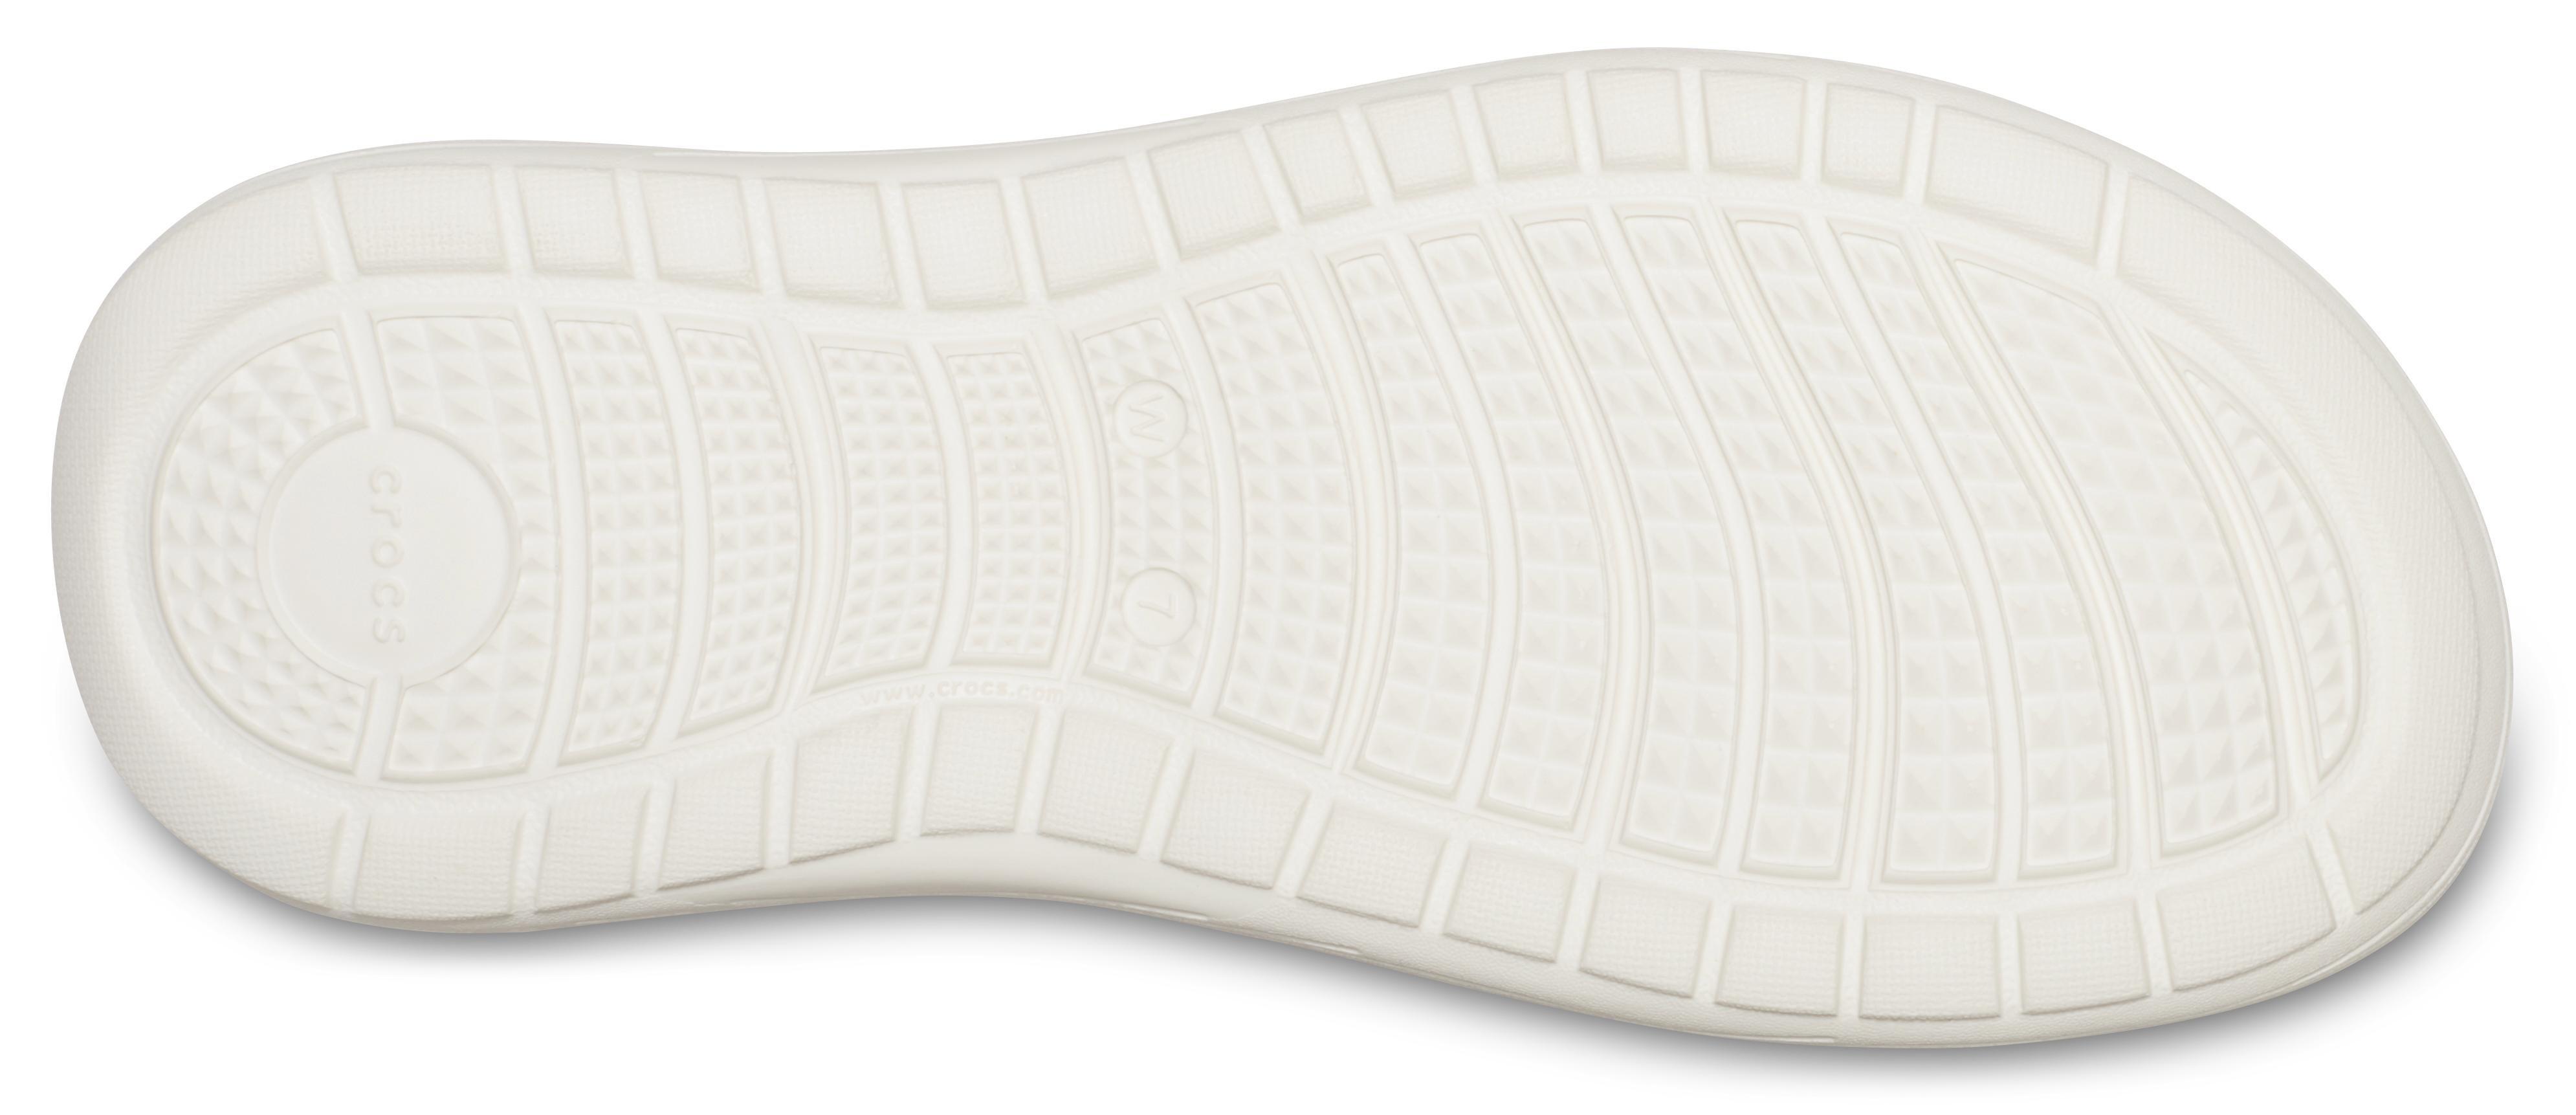 W Bestellen Slide Bij Crocs Slippersreviva 8n0PyNwOvm